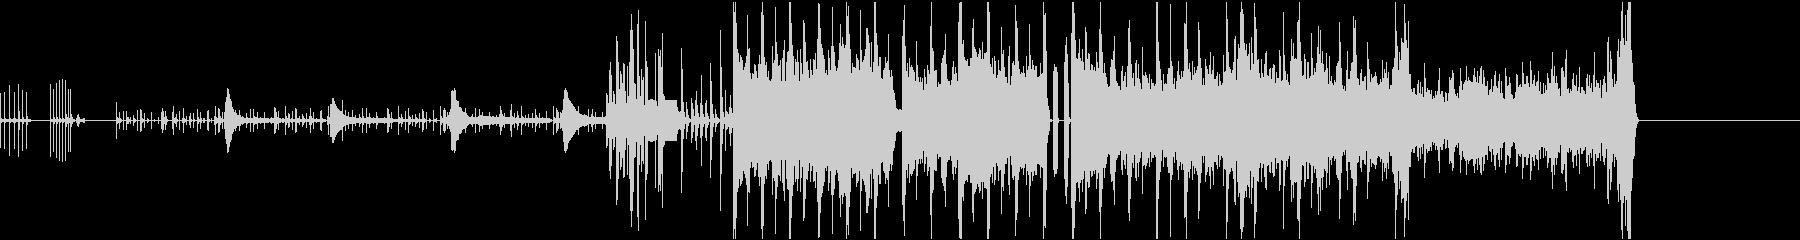 デジタルで機械的な曲の未再生の波形